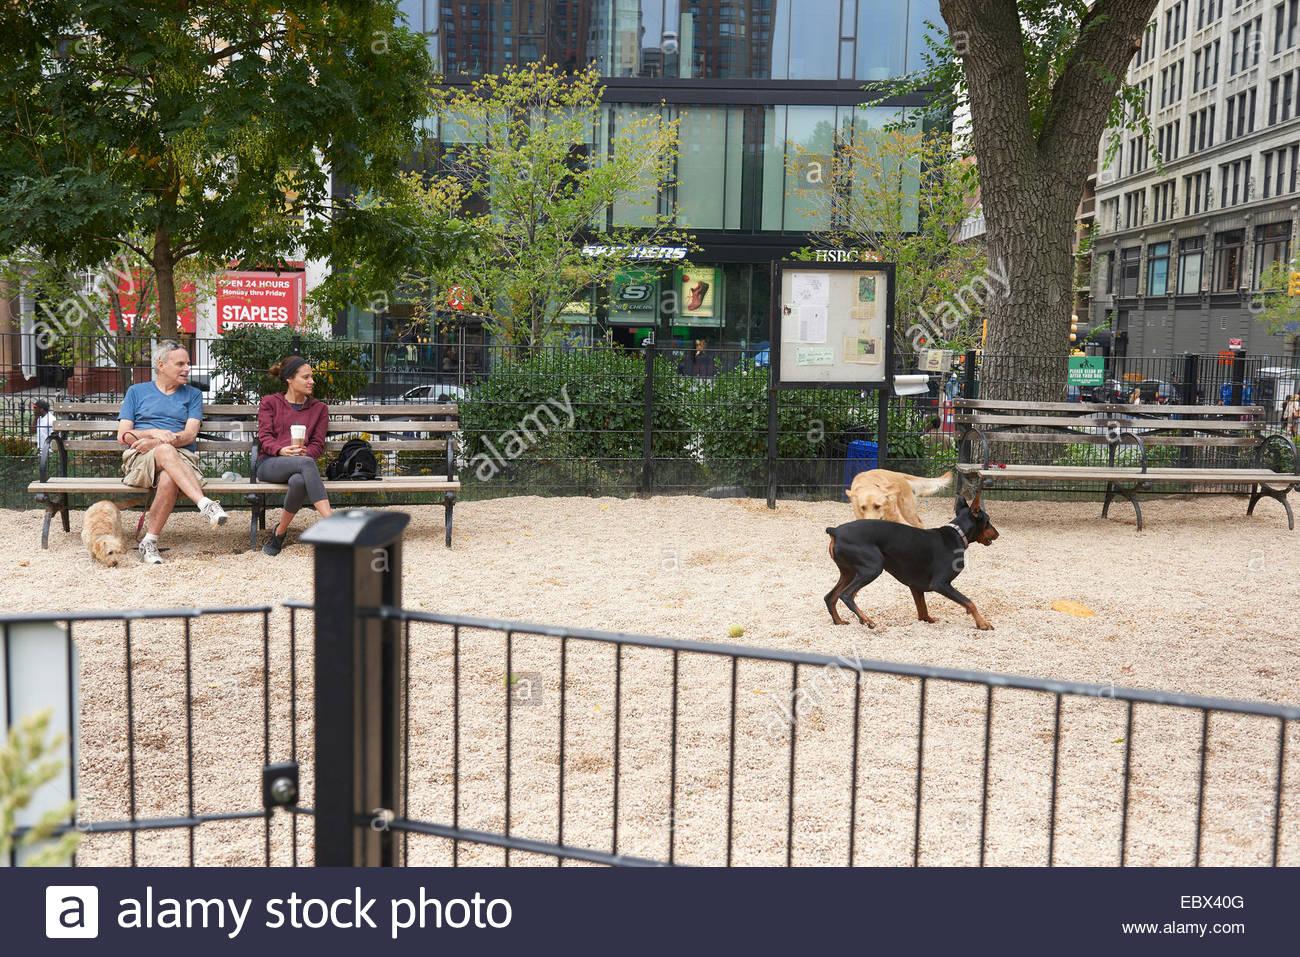 Dog excercise park in Manhattan,New York - Stock Image